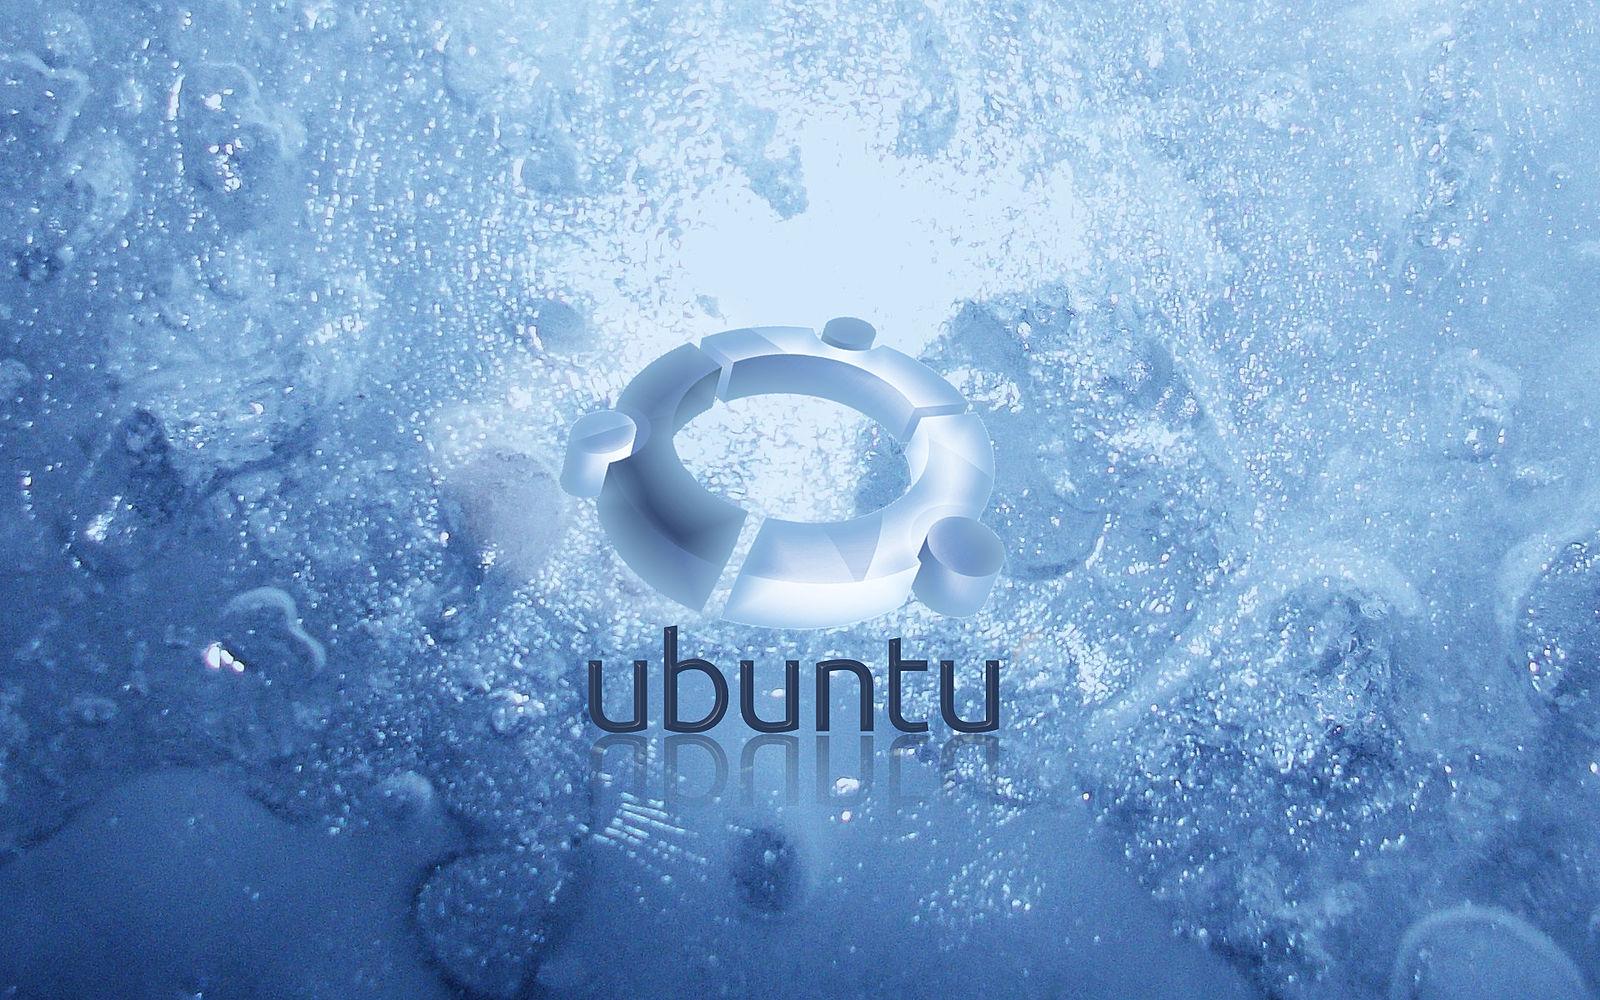 Ubuntu Ice